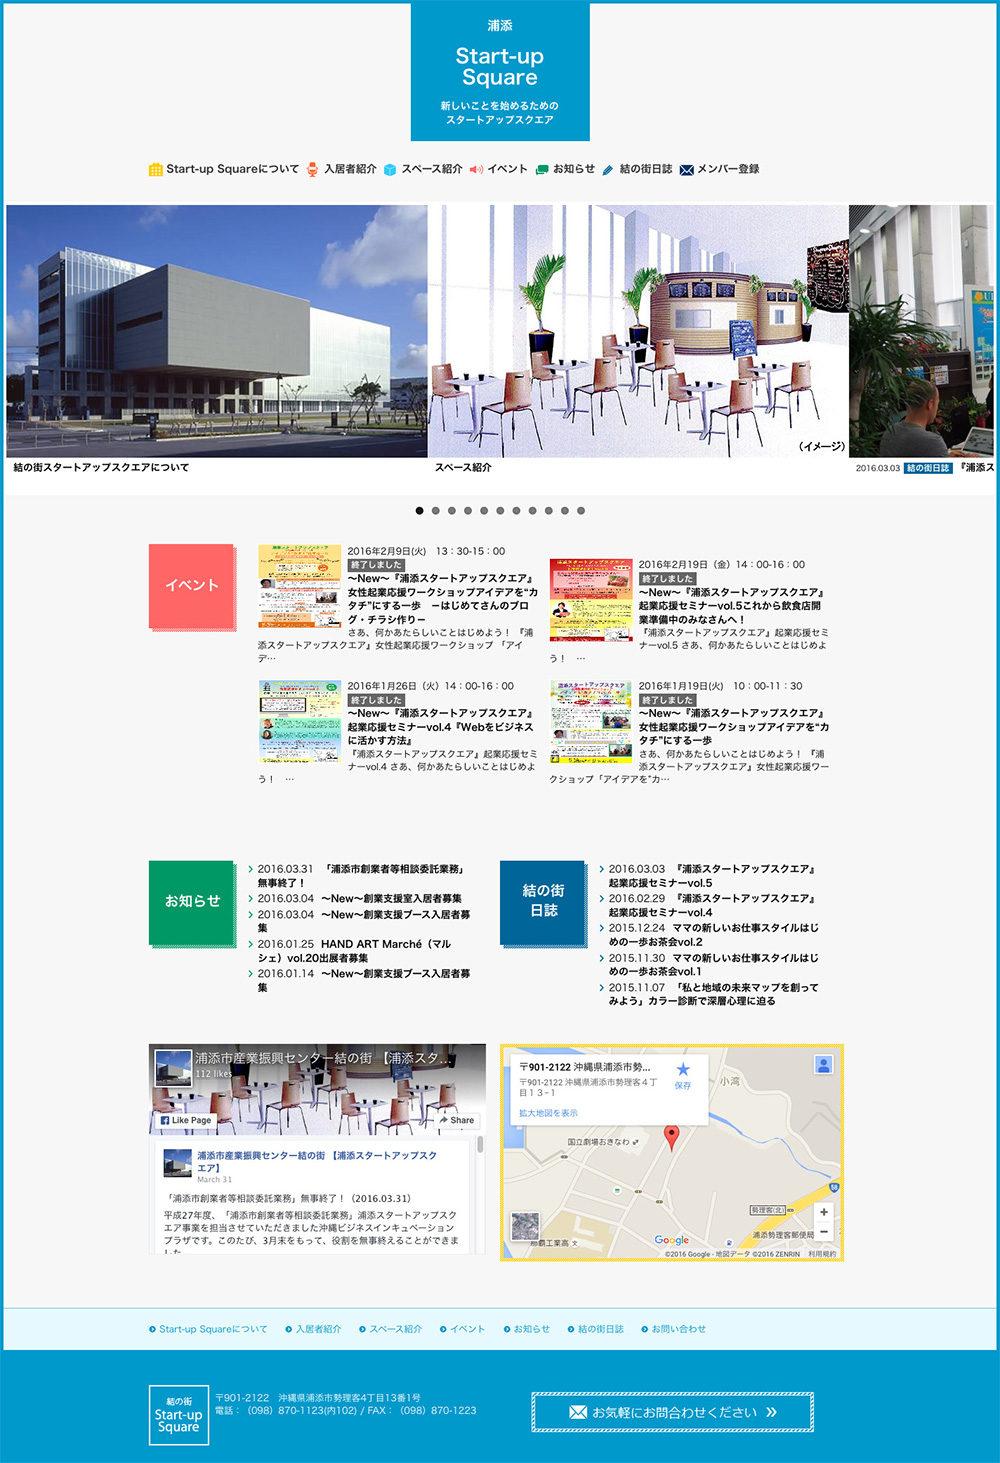 浦添 Start-up Square